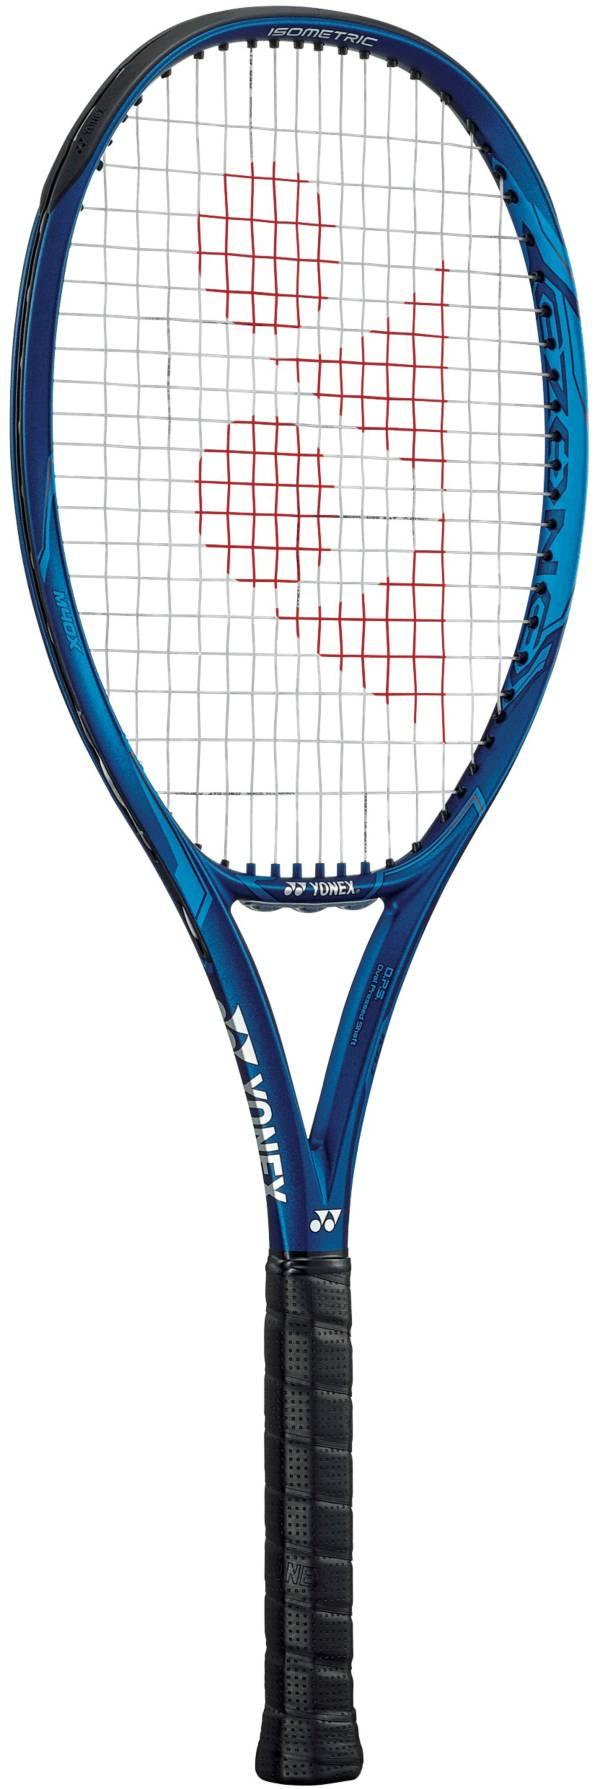 Yonex Ezone 100 Tennis Racquet product image